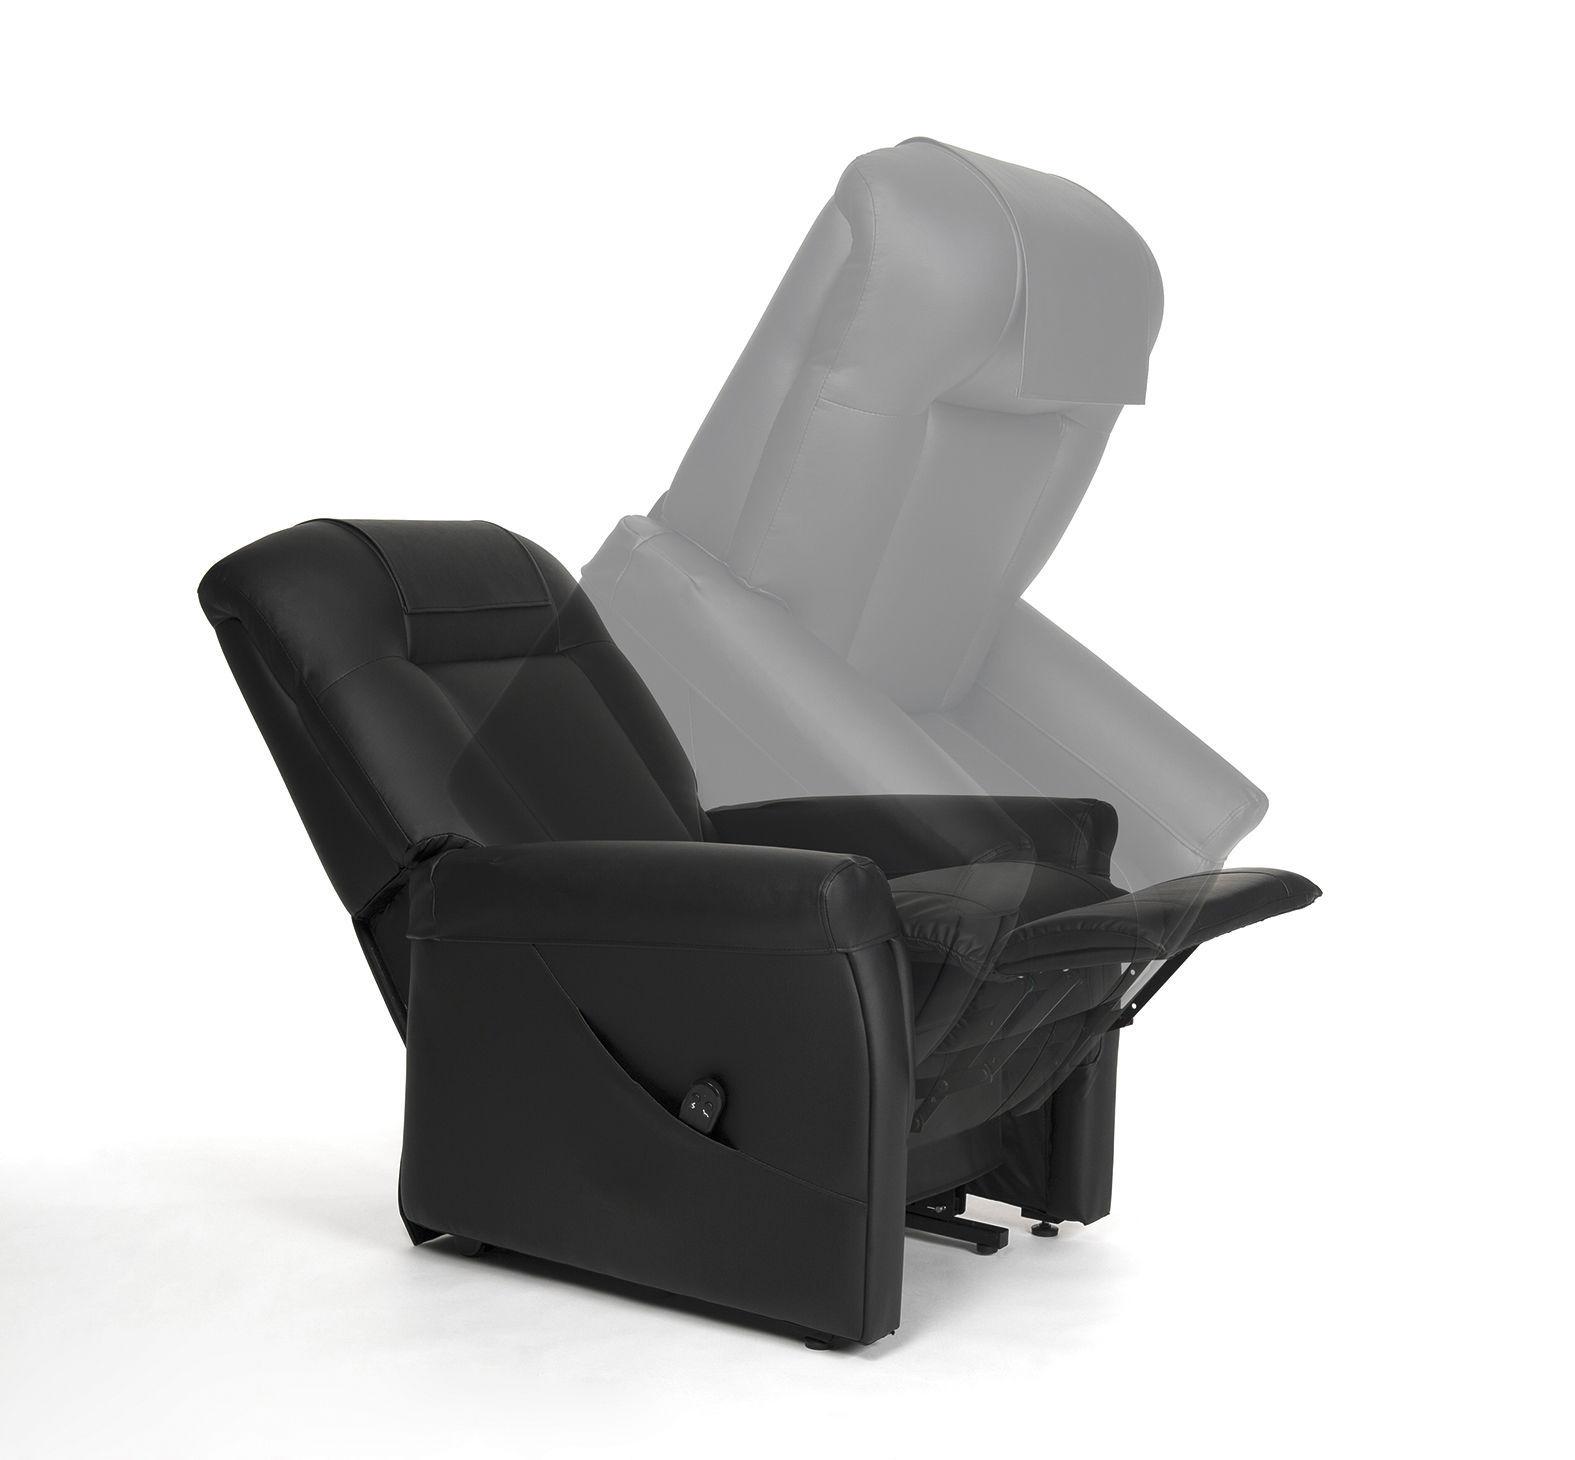 Brilliant Sessel Elektrisch Referenz Von Mit Aufstehhilfe / Mit Hubfunktion /